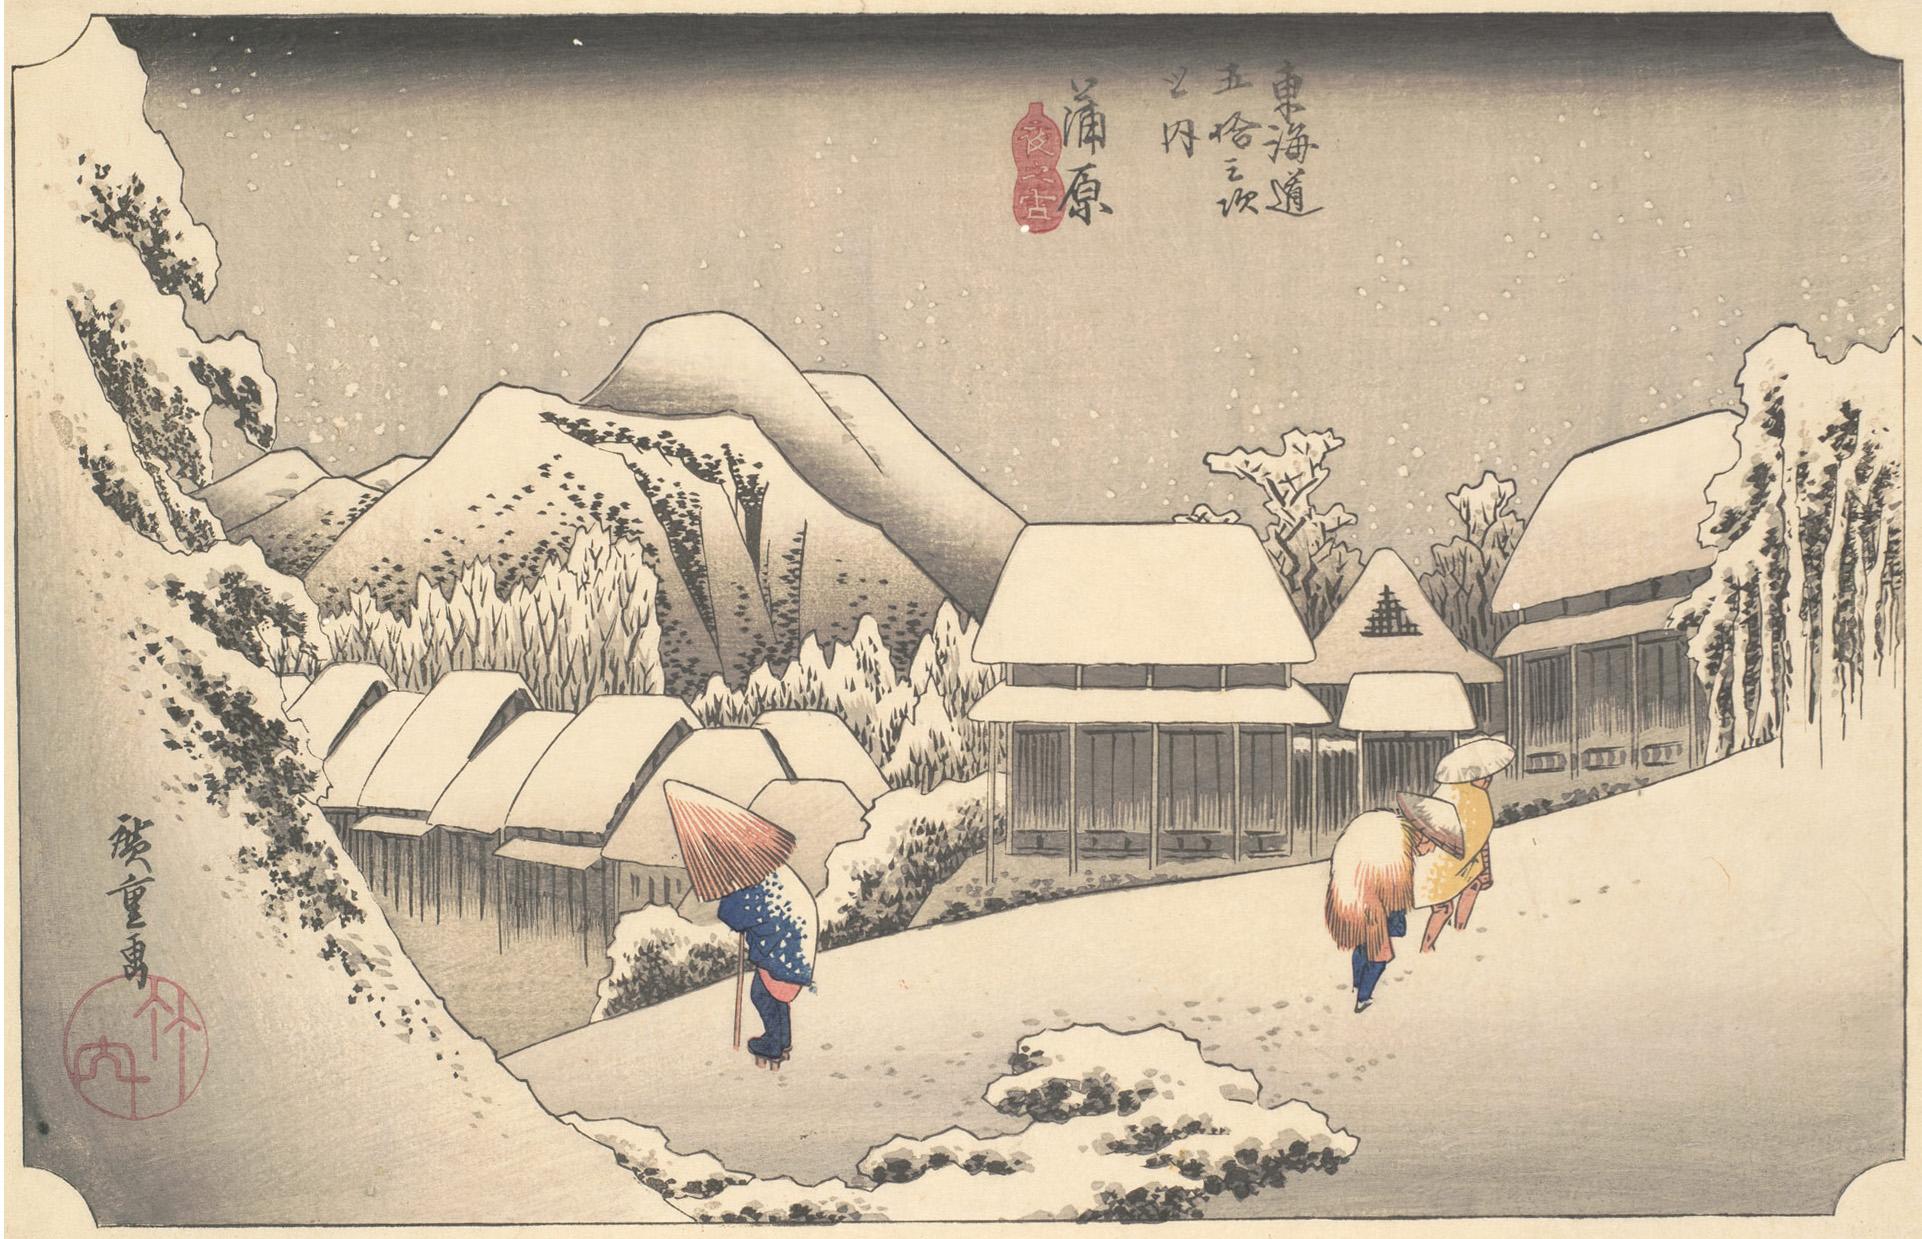 evening snow at kanbara